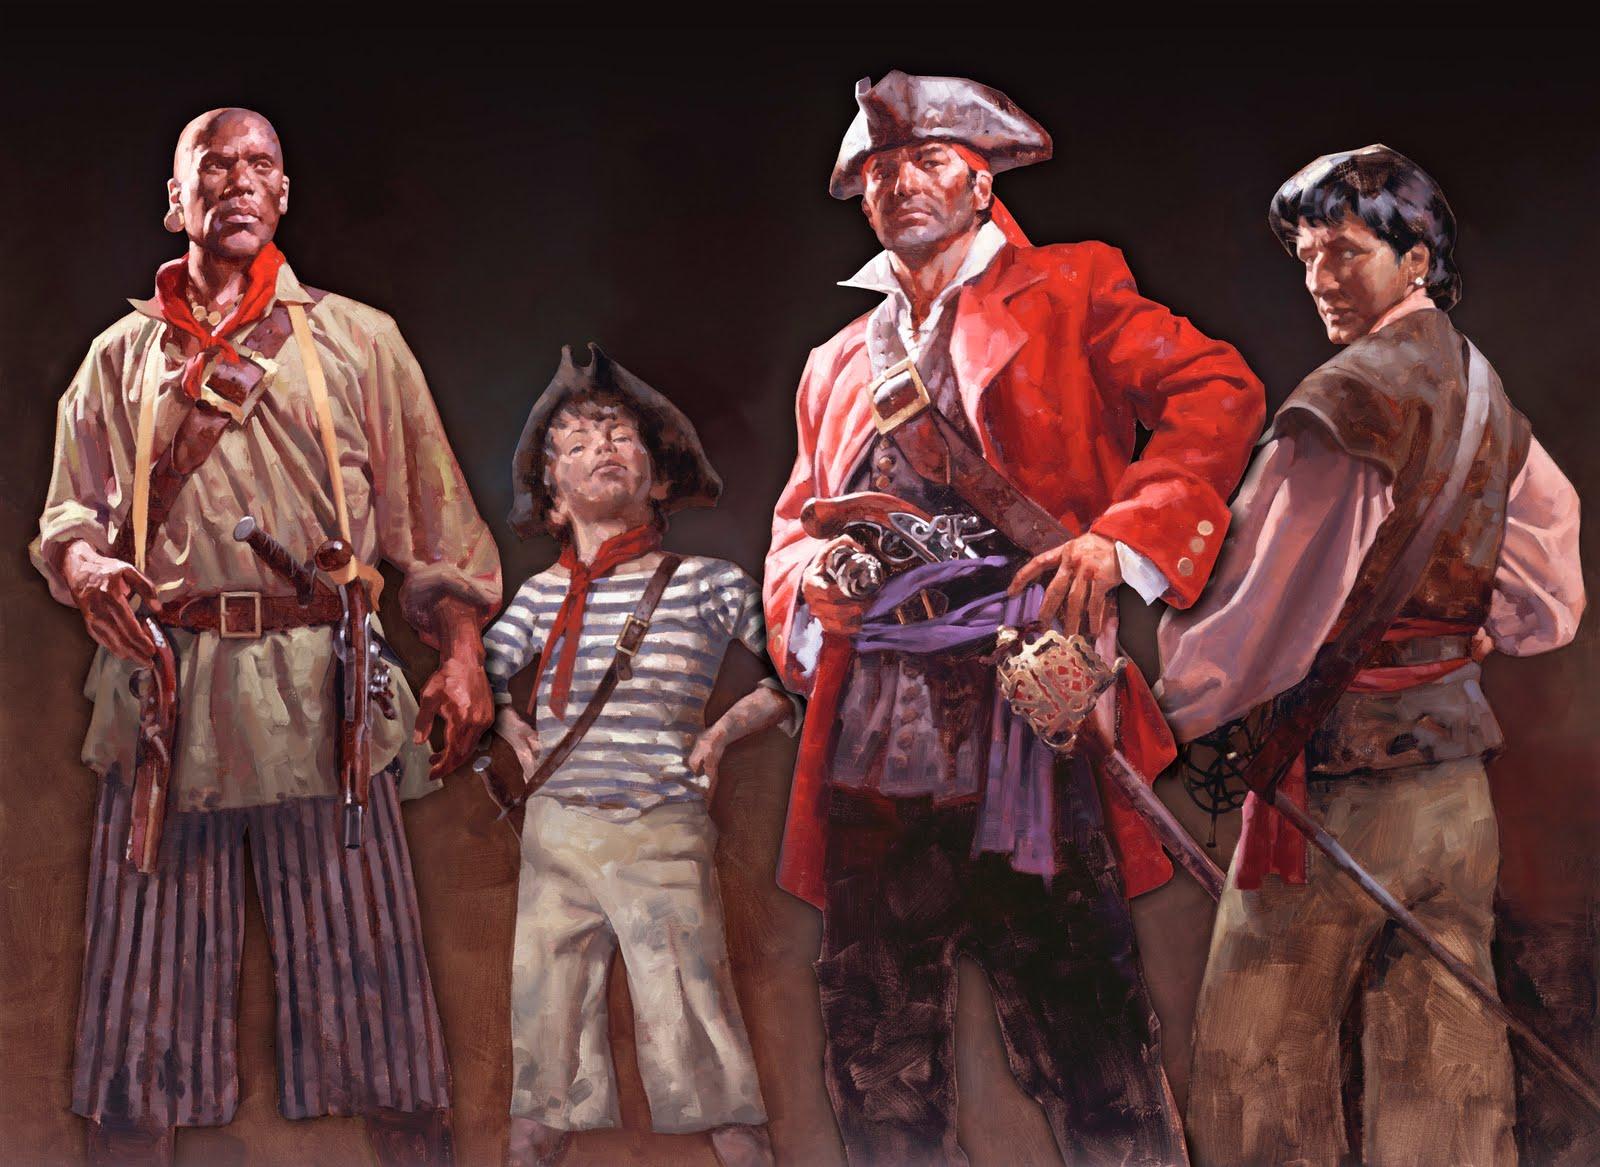 Pirates Pictures 77